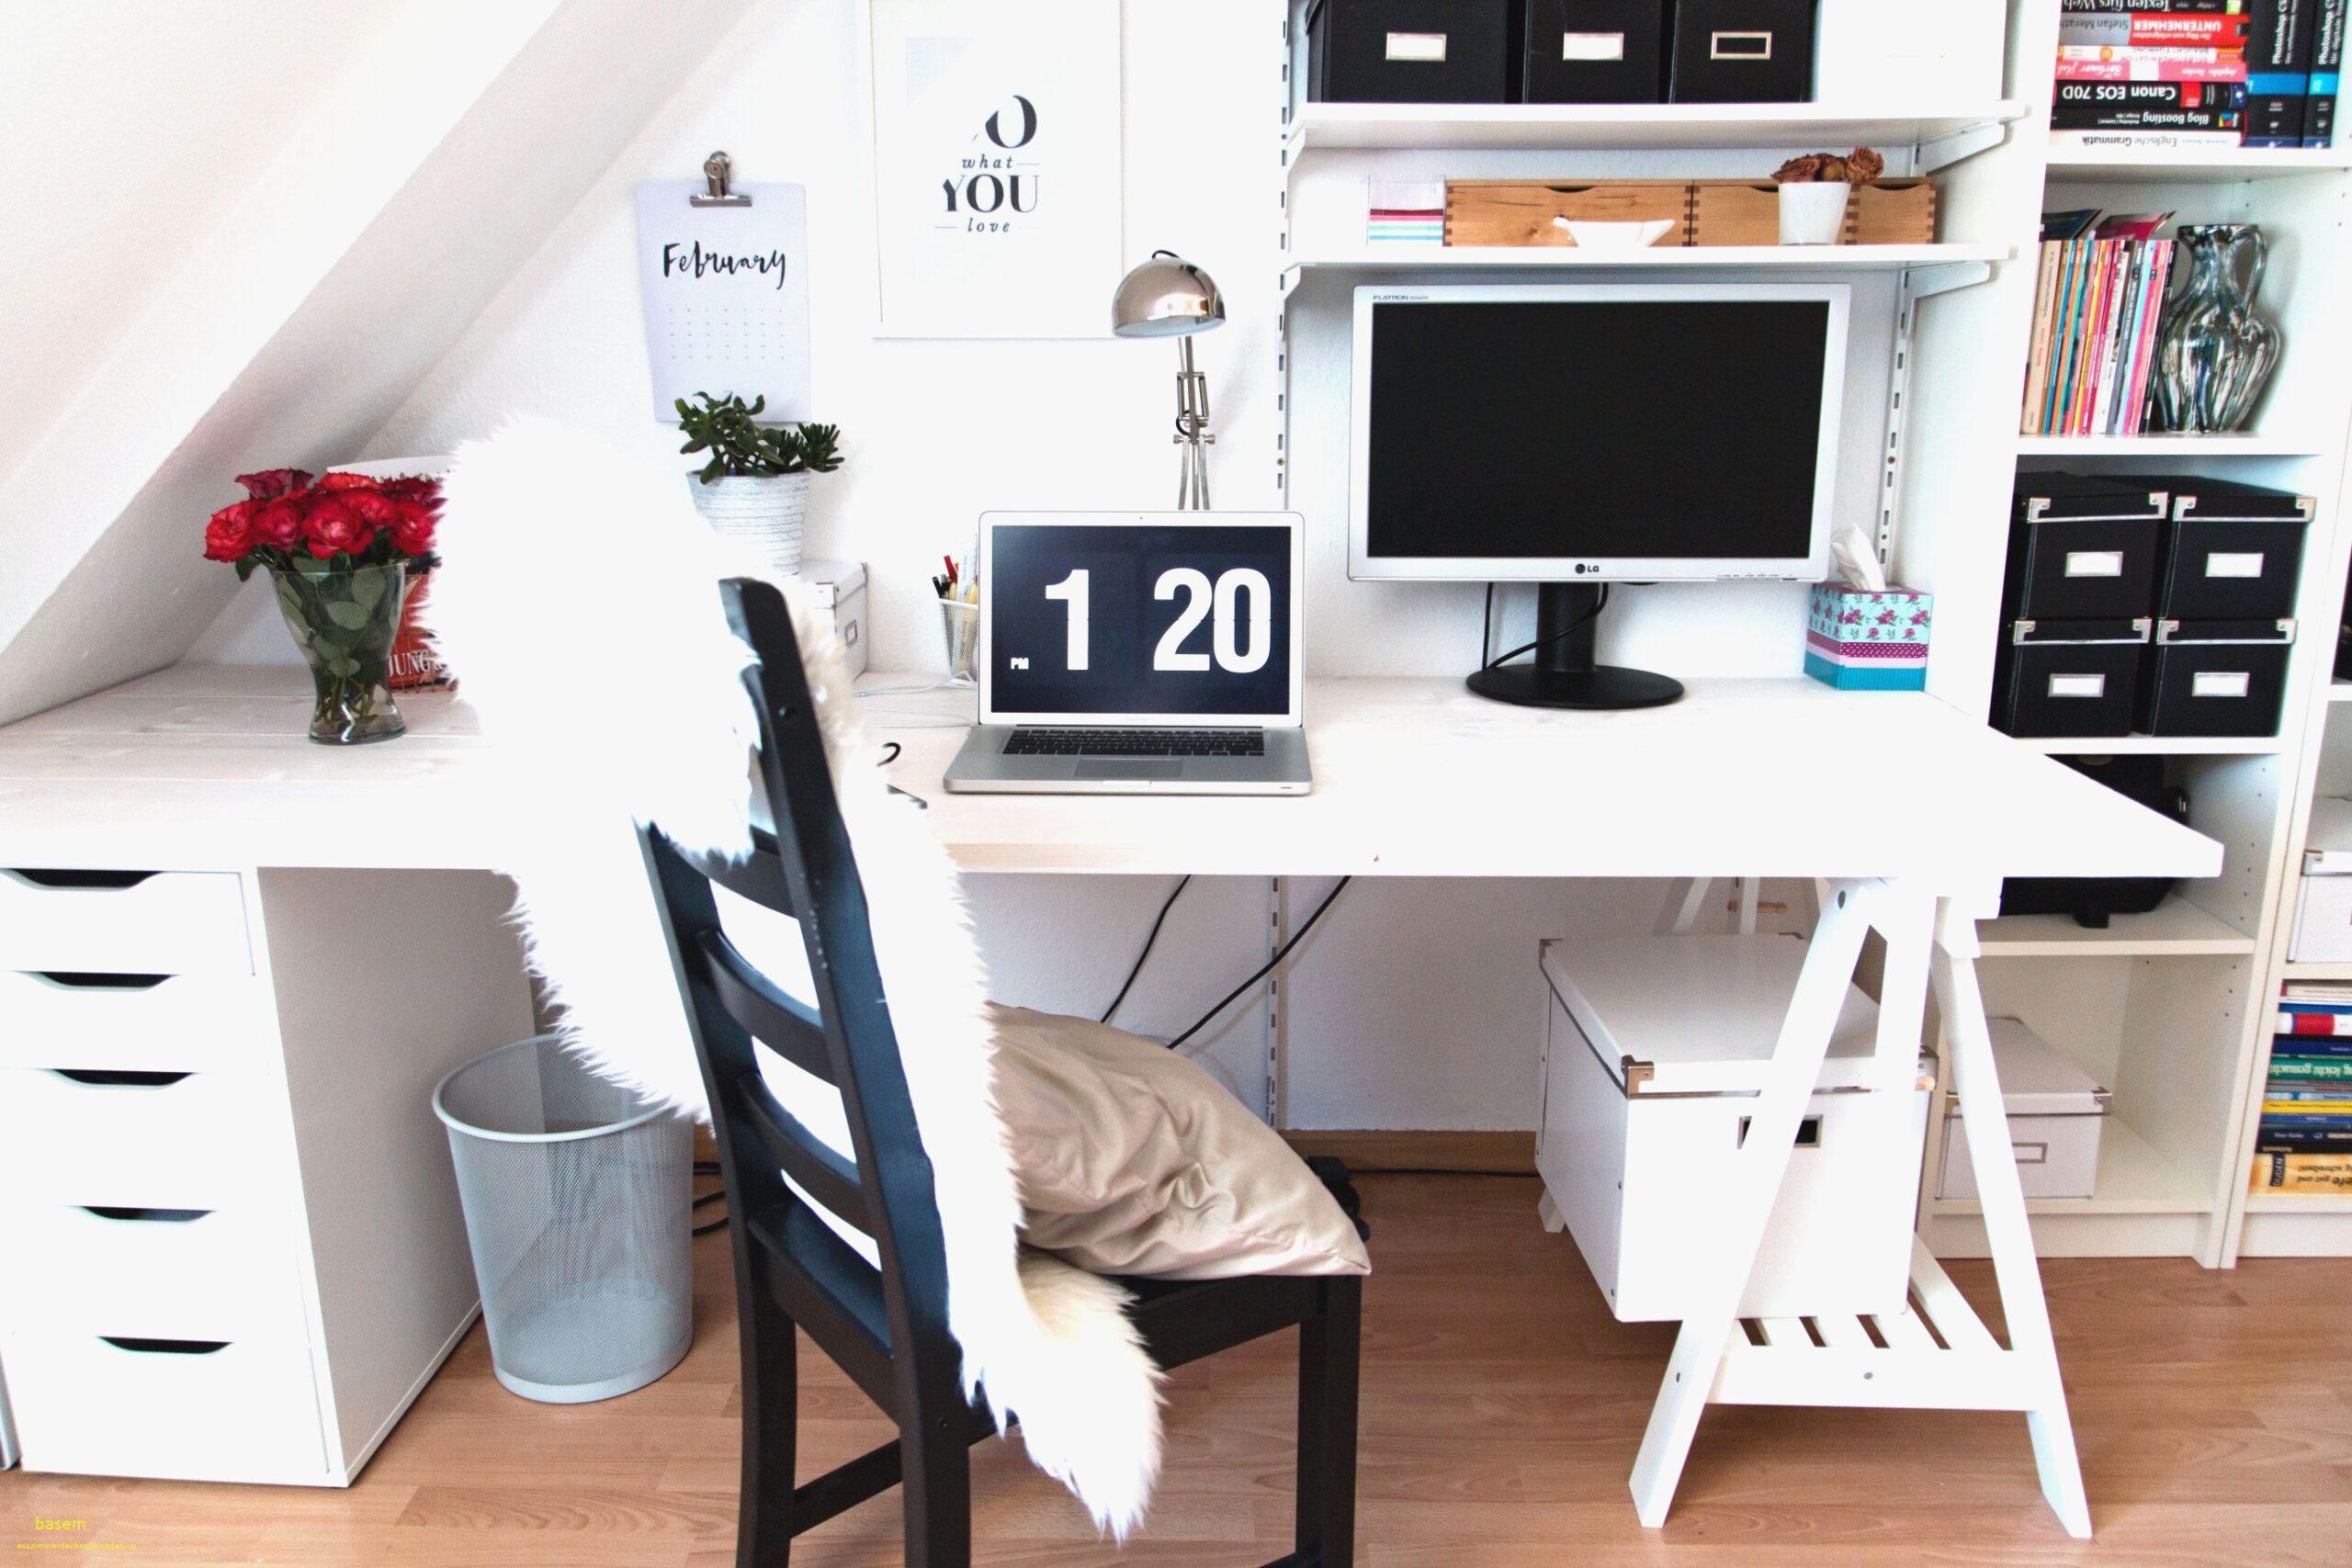 Full Size of Regal Schreibtisch Mit Integriert Selber Bauen Kombi 15 Ikea An Neu Günstige Regale Nussbaum Hochglanz Weiß Paletten Glasböden Aus Kisten Nach Maß Regal Regal Schreibtisch